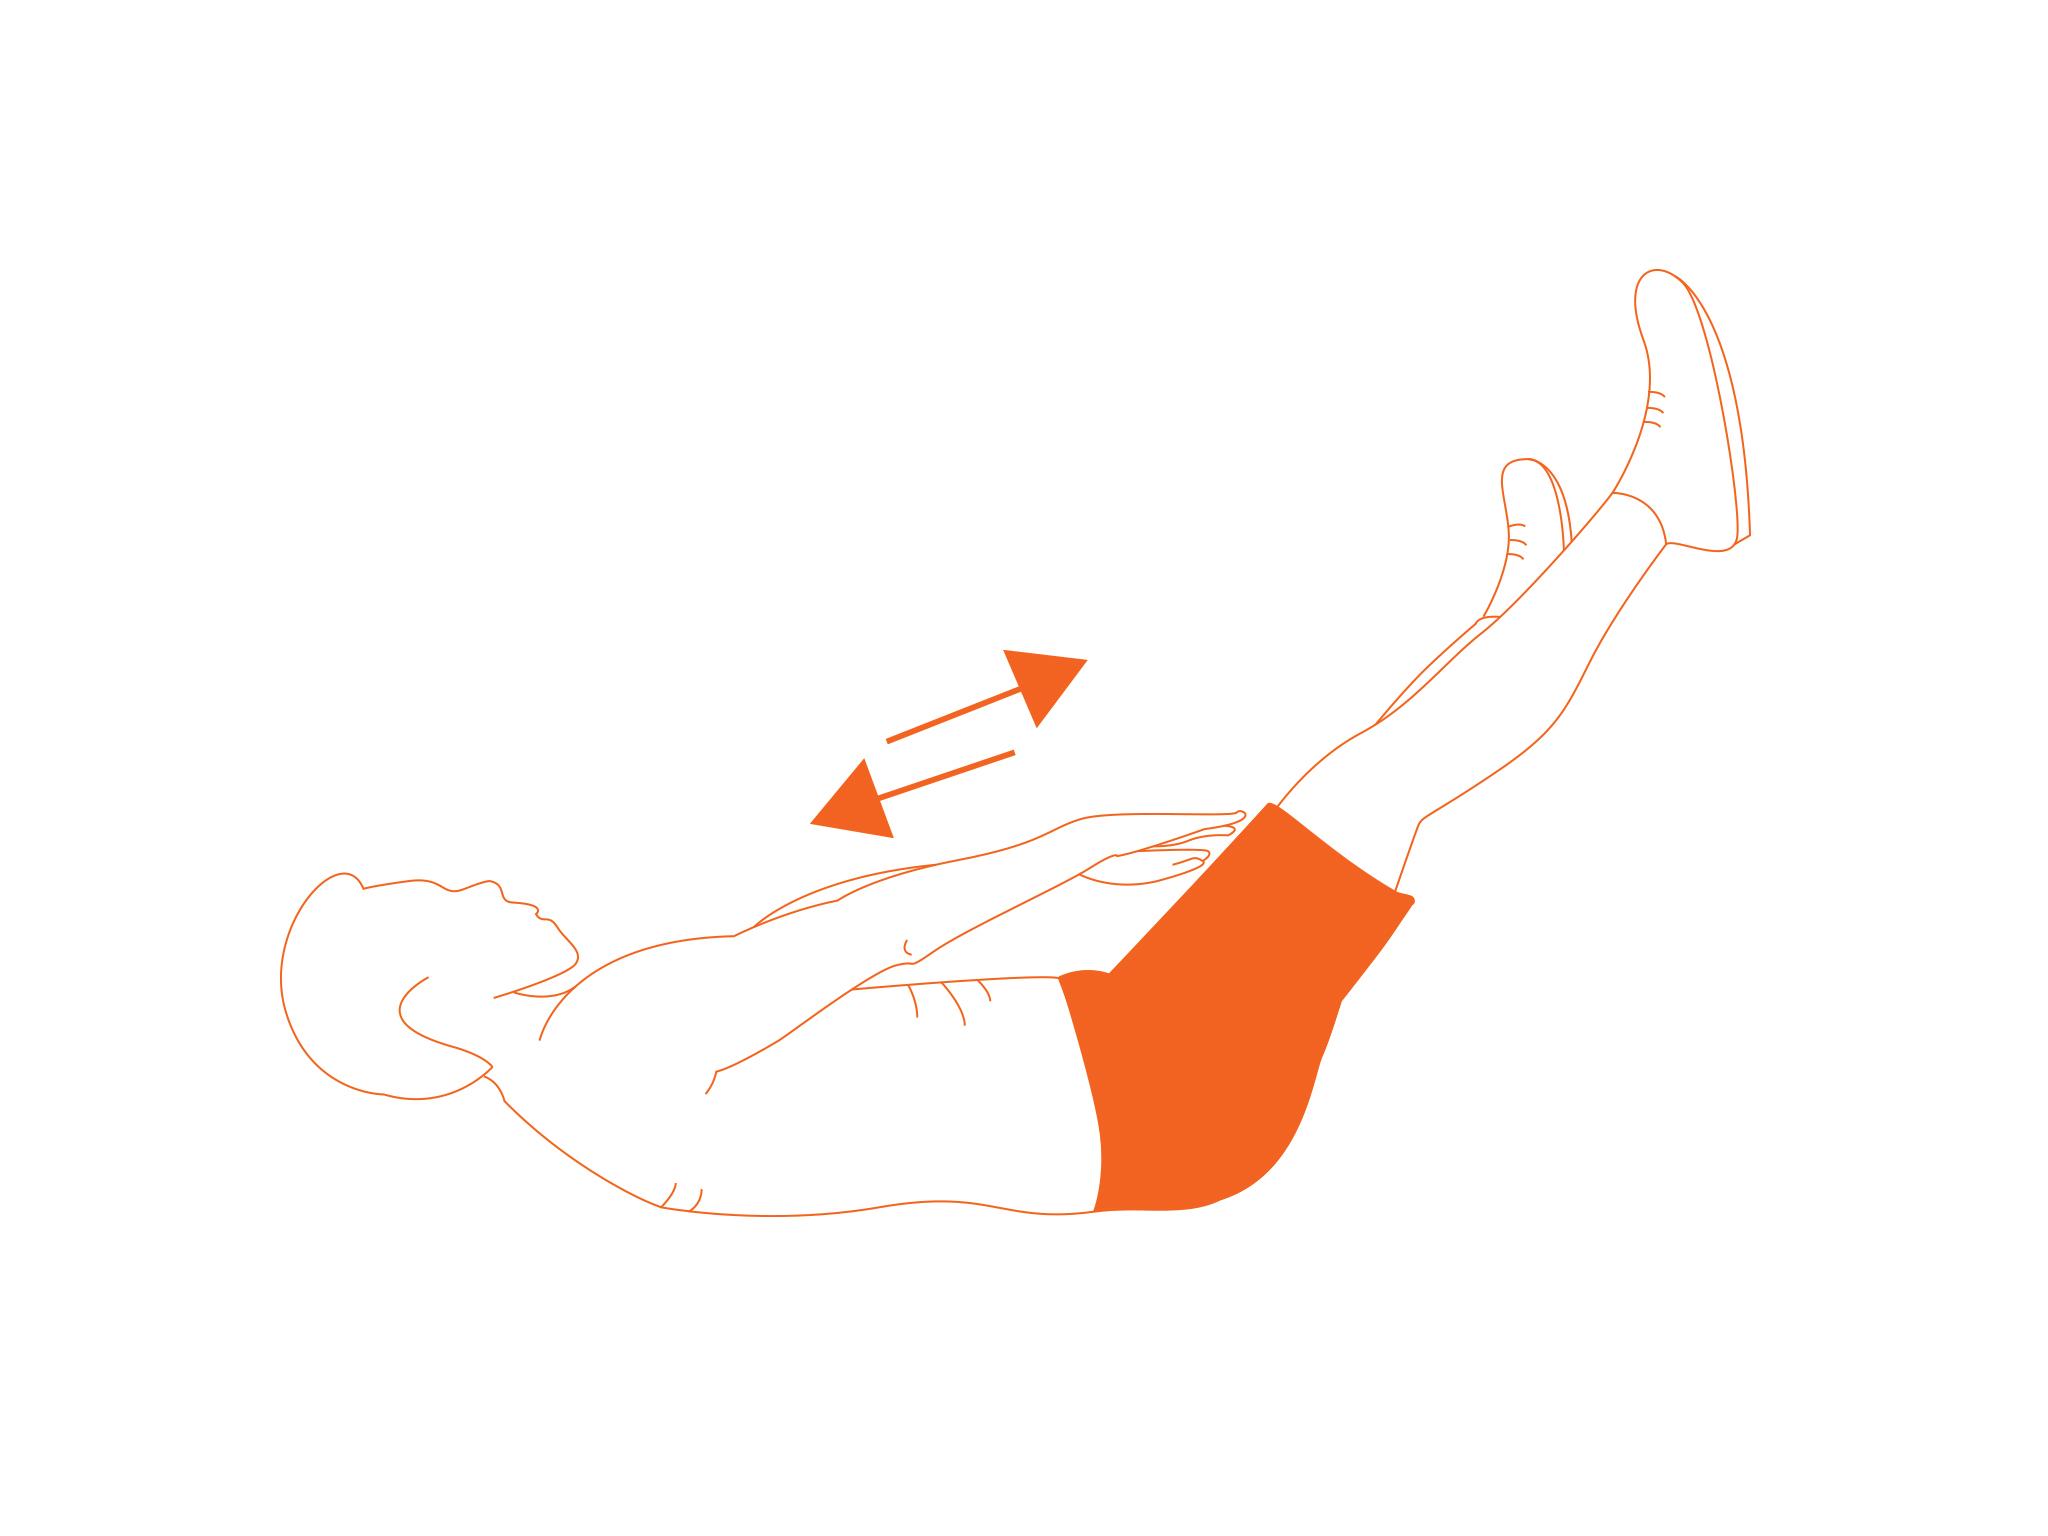 Crunch con elevación de piernas